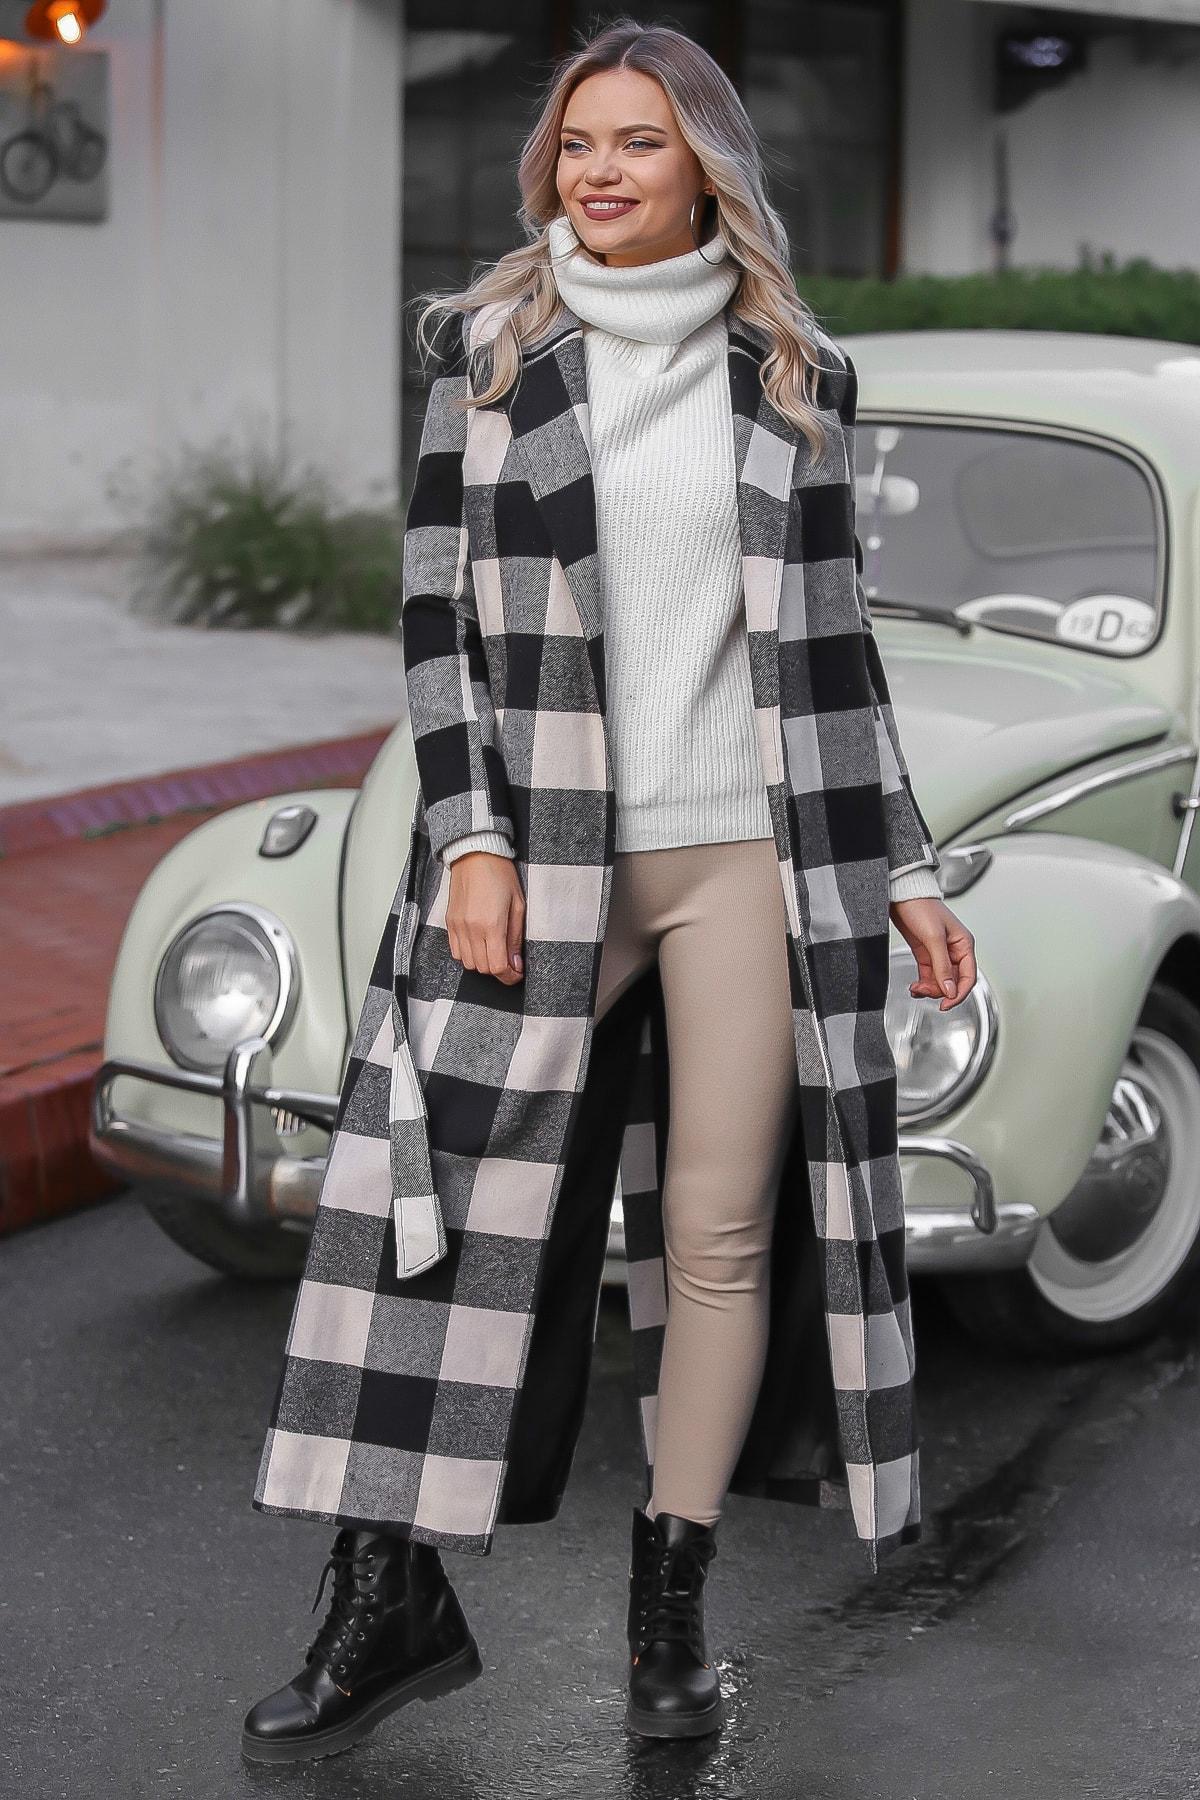 Chiccy Kadın Siyah-Ekru Klasik Ceket Yakalı Ekose Cepli Astarlı Yırtmaçlı Uzun Kaşe Kaban M10210200KA99841 0